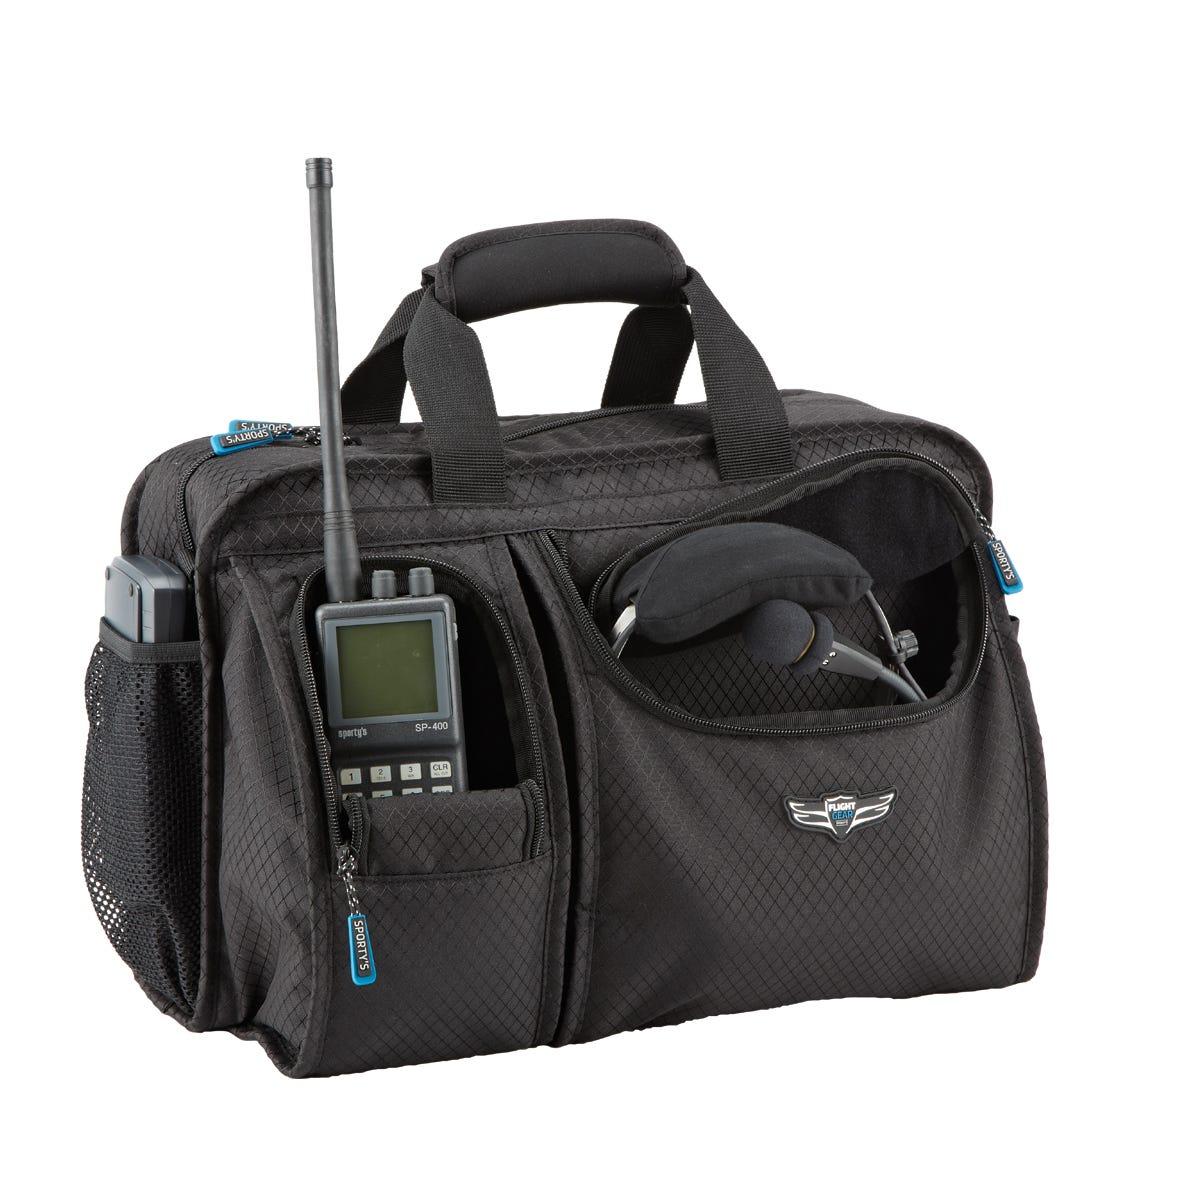 Flight Gear Hp Approach Bag From Sporty S Pilot Shop